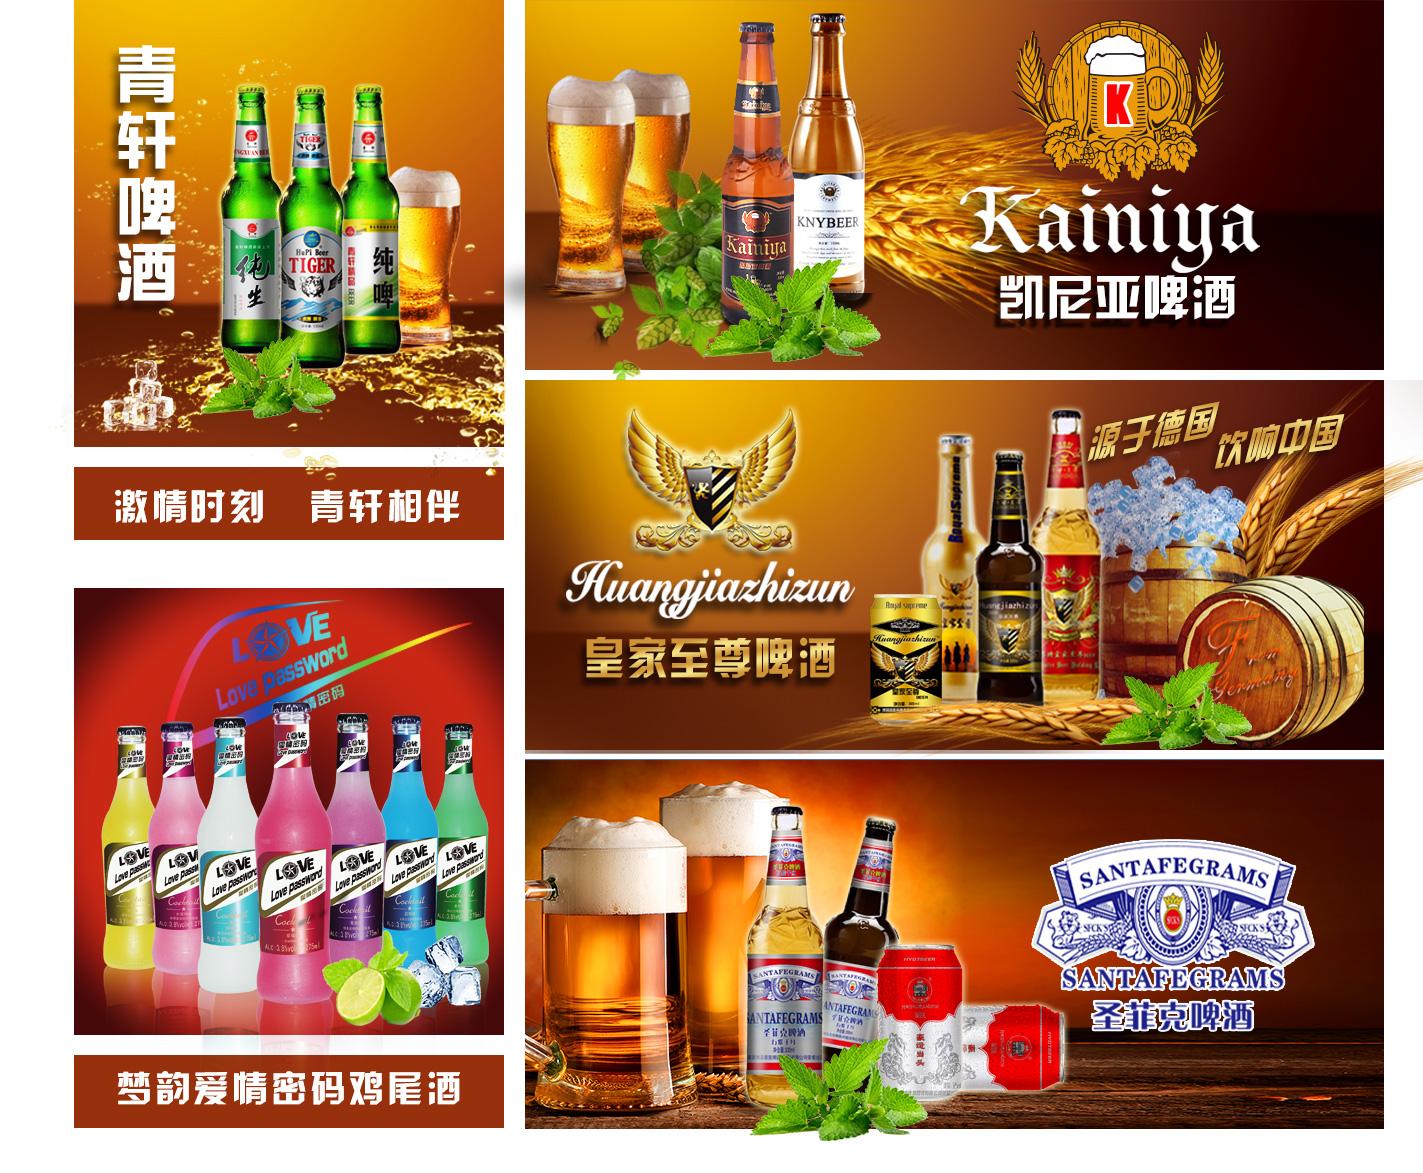 青岛青轩啤酒厂关于小支啤酒、易拉罐啤酒和大瓶啤酒的产品介绍